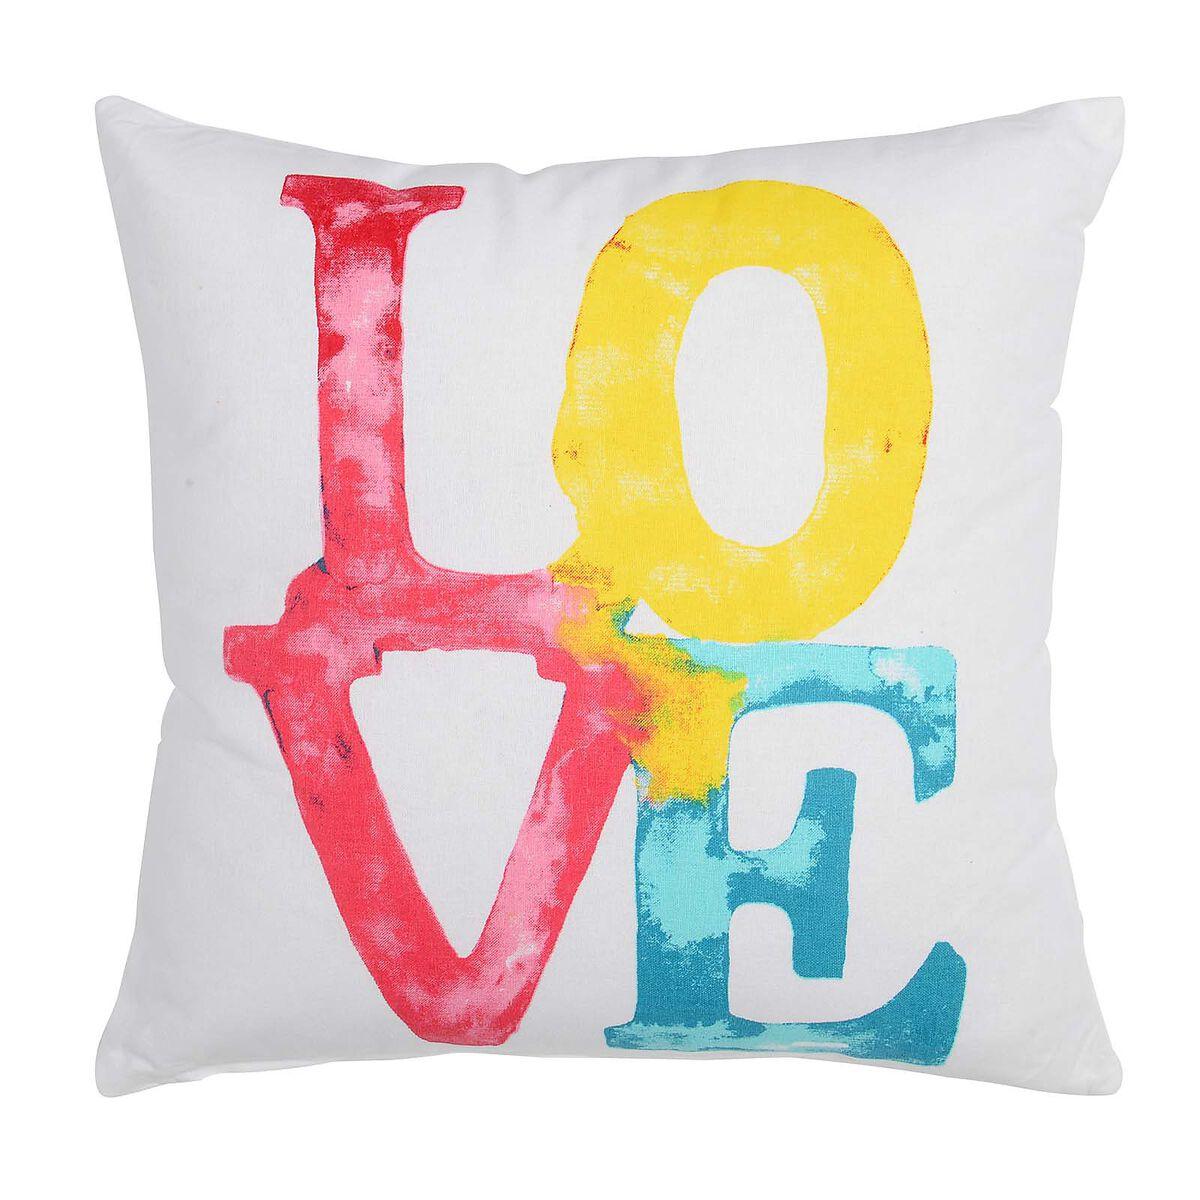 kissen love bunt ca b 45 x l 45 cm depot de. Black Bedroom Furniture Sets. Home Design Ideas